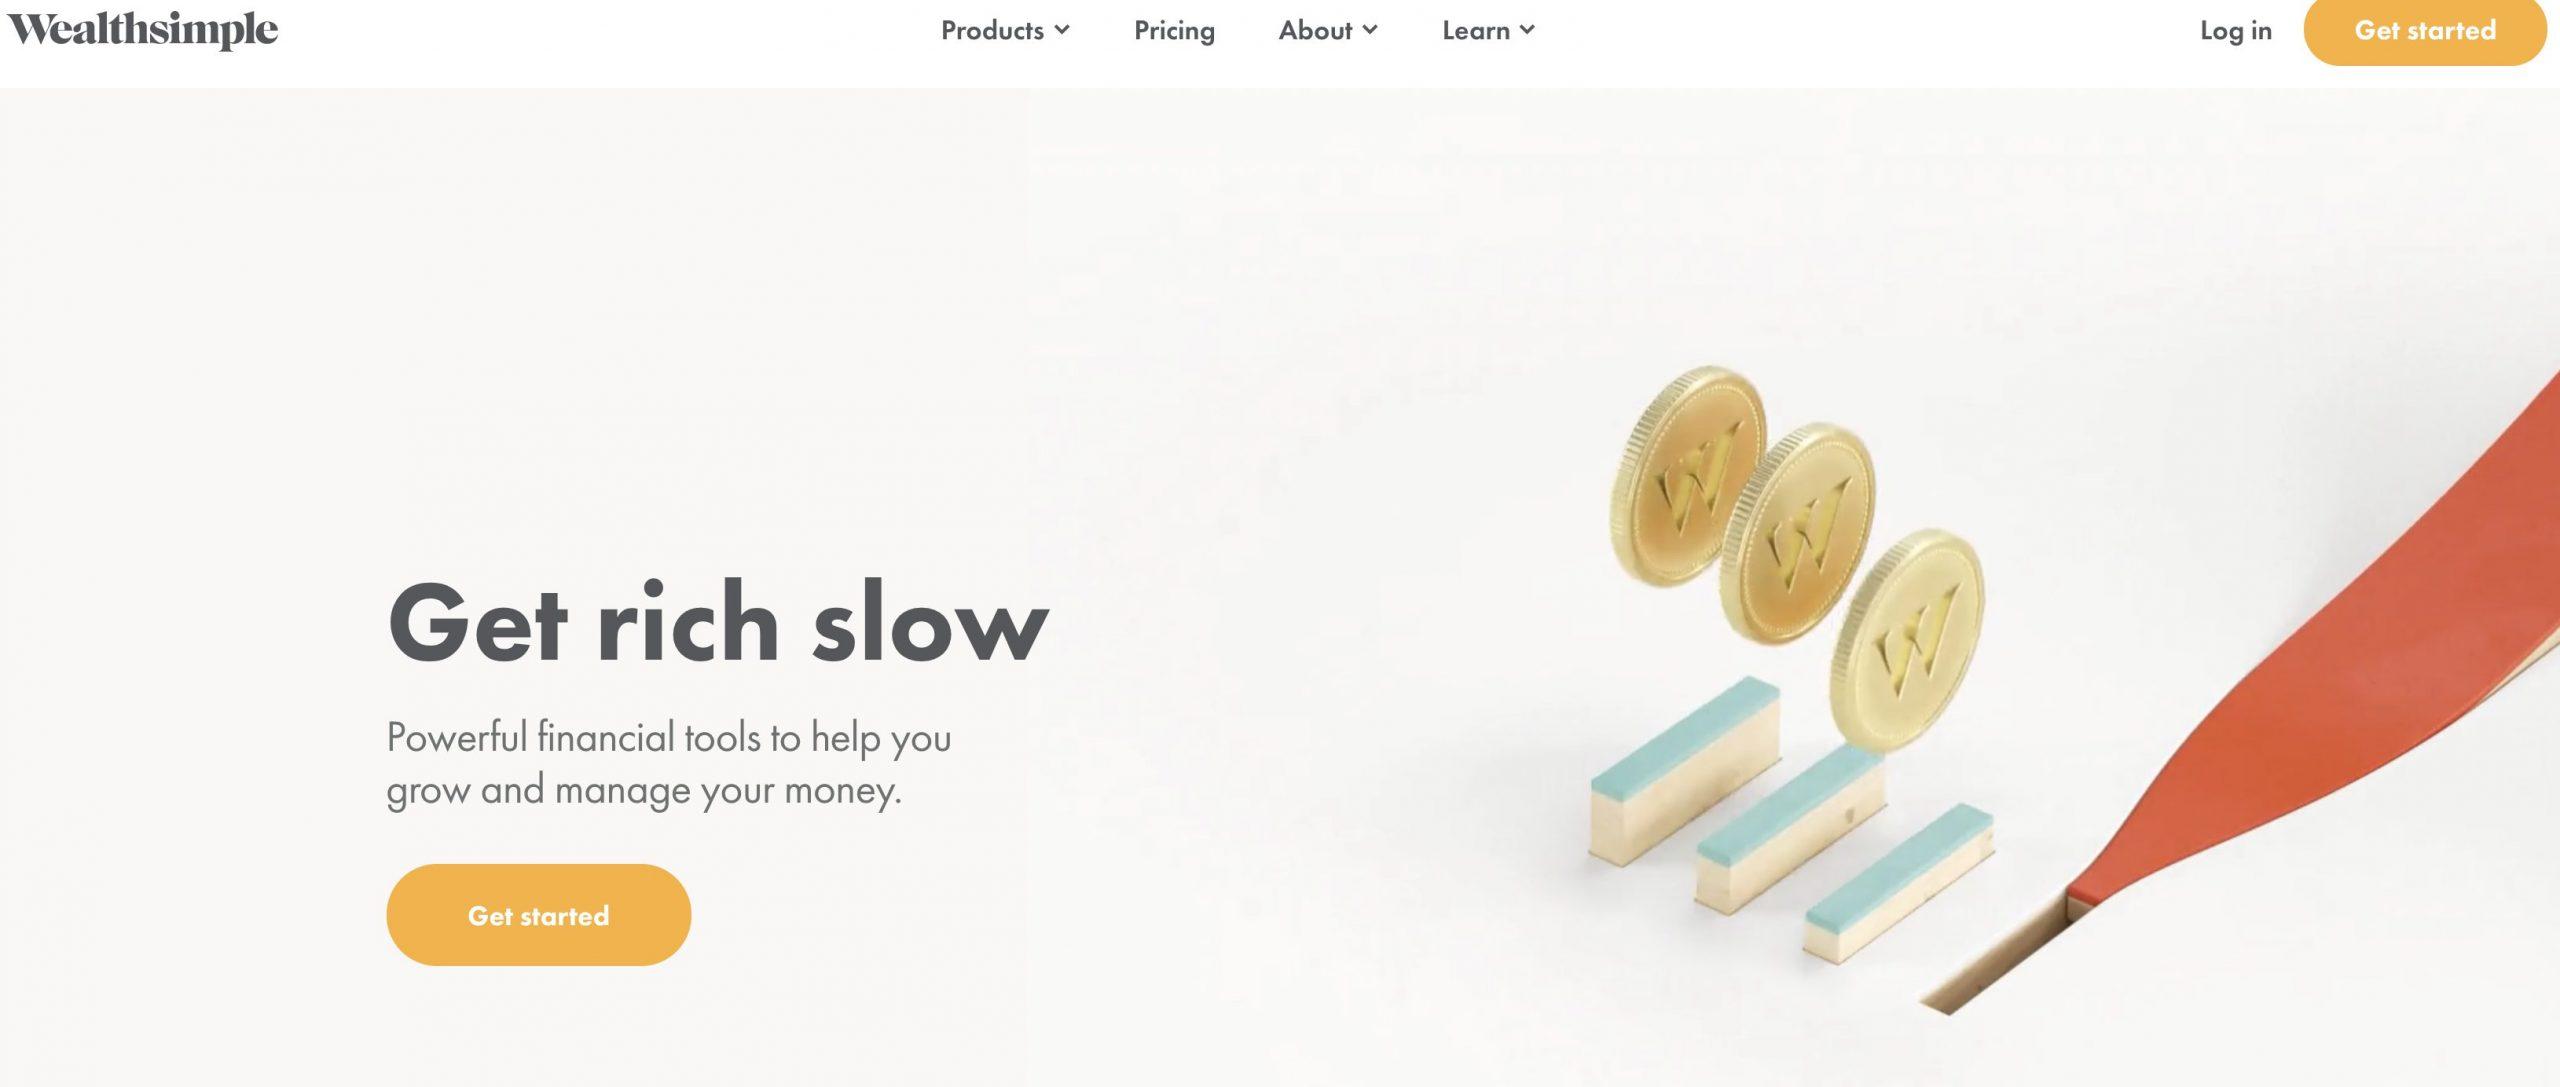 Wealthsimple announces $750 million investment